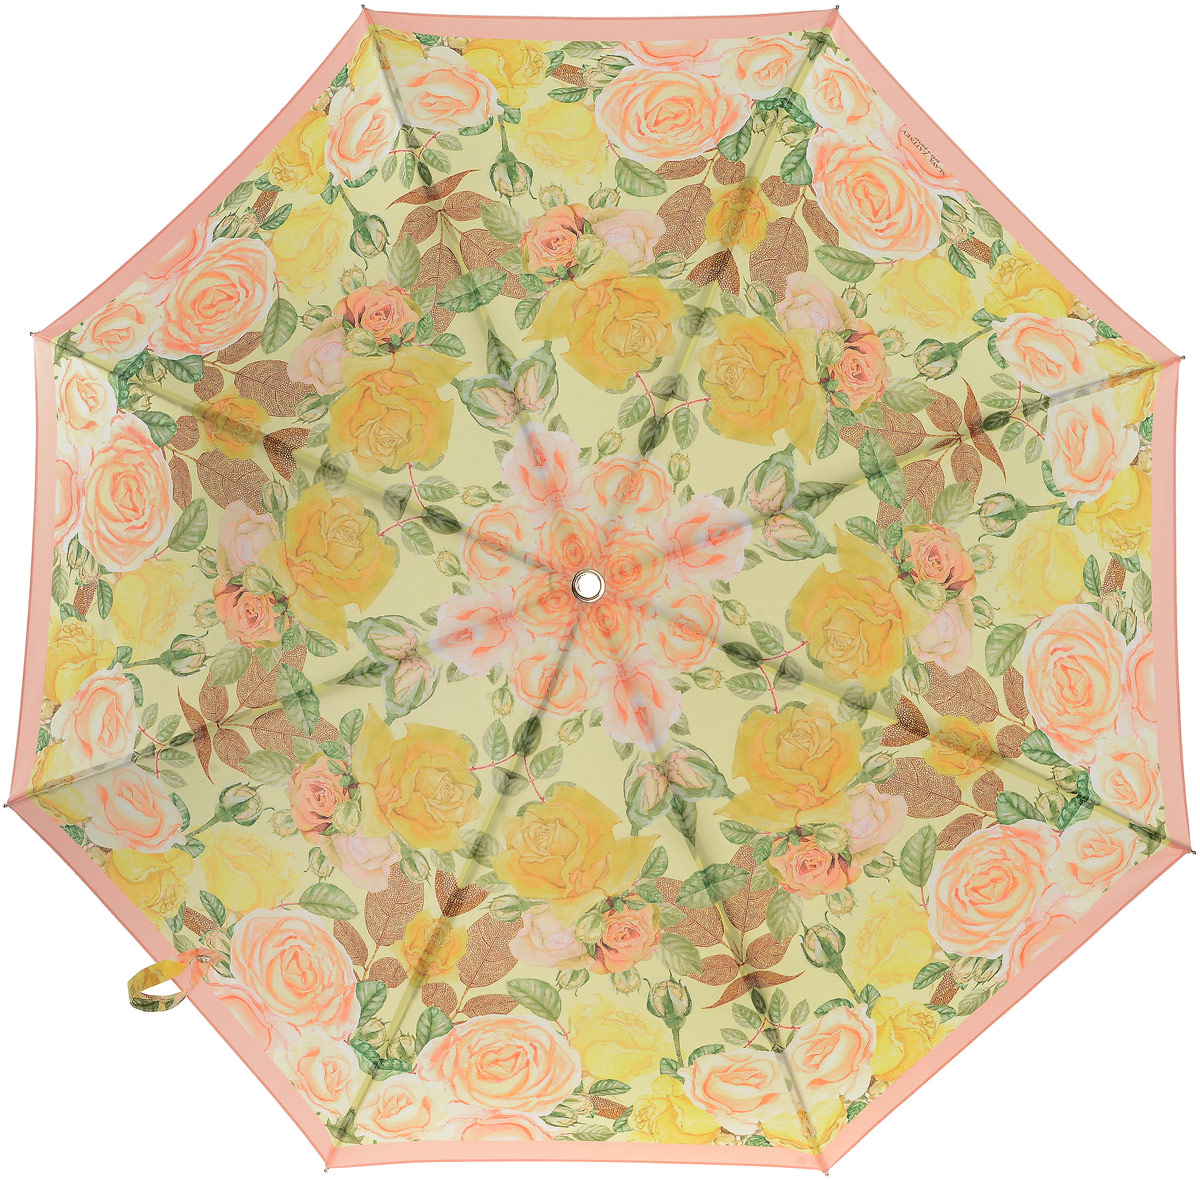 Зонт-трость женский Slava Zaitsev, механика, цвет: желтый. SZ-082Серьги с подвескамиОригинальный зонт Slava Zaitsev надежно защитит вас от непогоды. Купол, выполненный из высококачественного полиэстера, который не пропускает воду, оформлен оригинальным принтом. Каркас зонта и спицы выполнены из высококачественного металла. Зонт имеет автоматический тип сложения: открывается и закрывается при нажатии на кнопку. Удобная ручка выполнена из пластика.